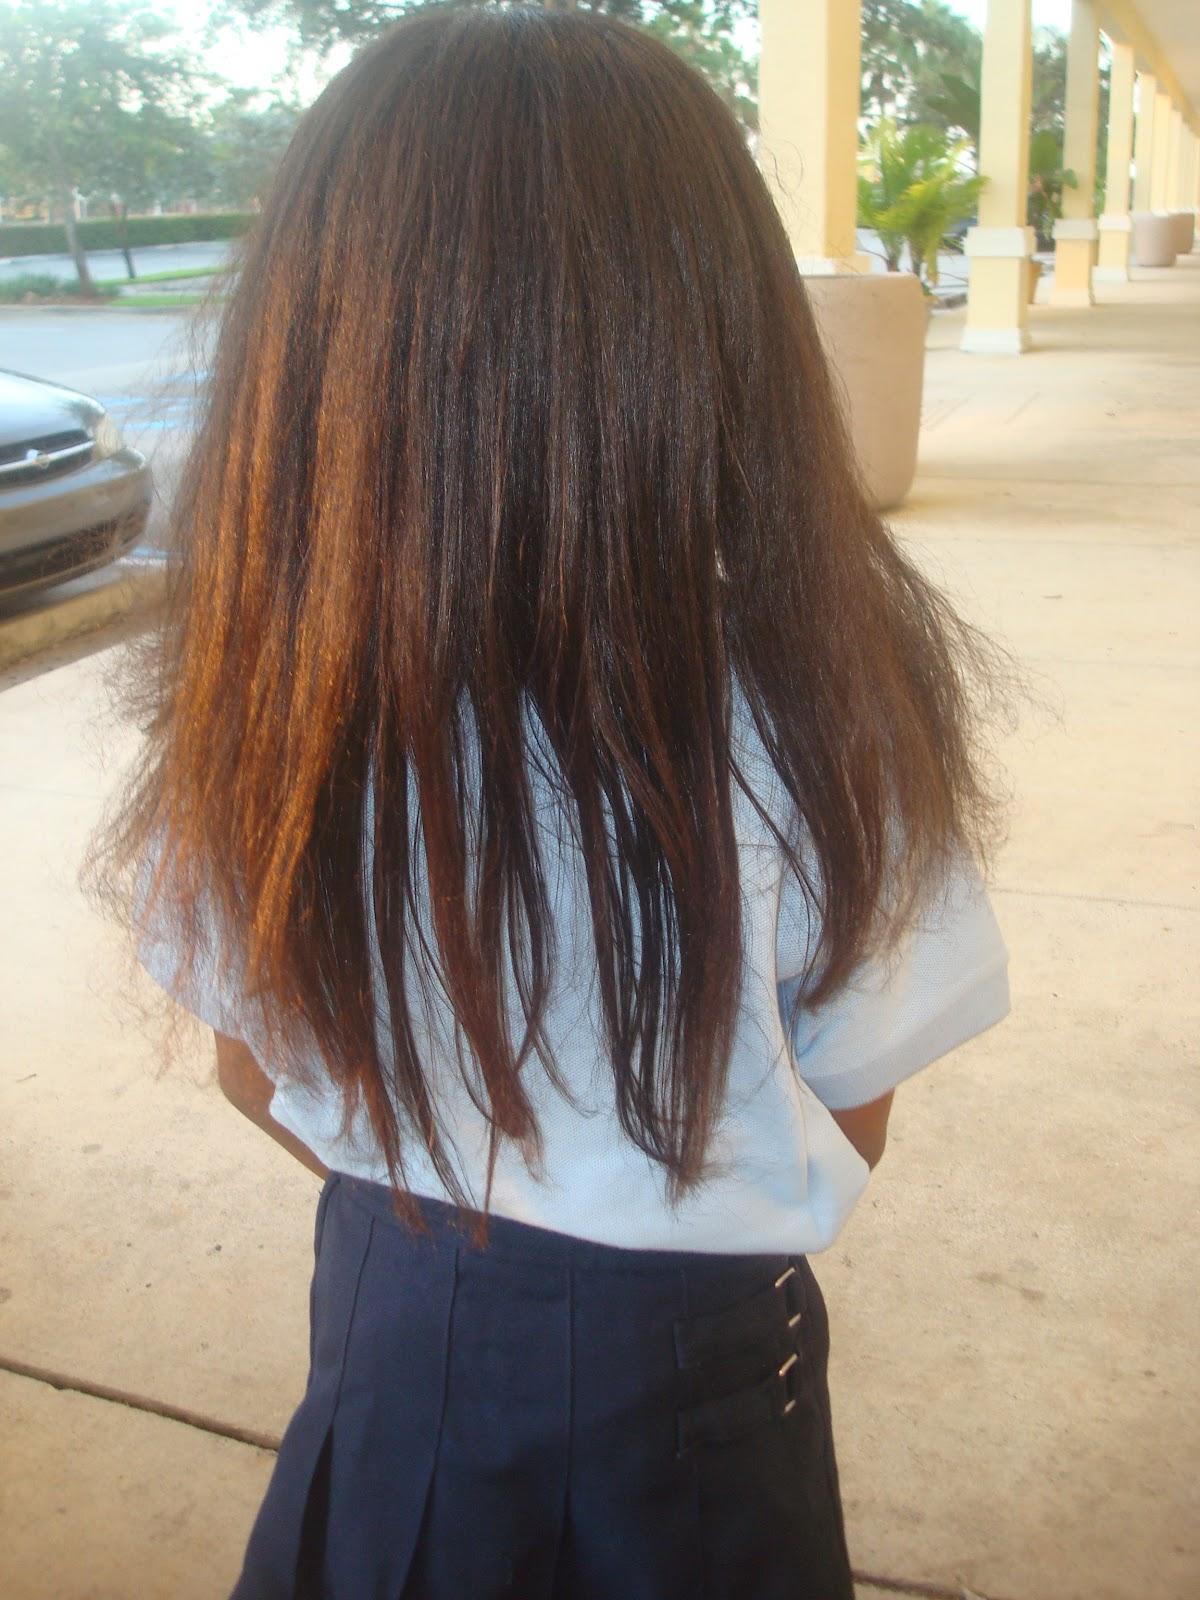 Waist Length Hair | www.pixshark.com - Images Galleries ...